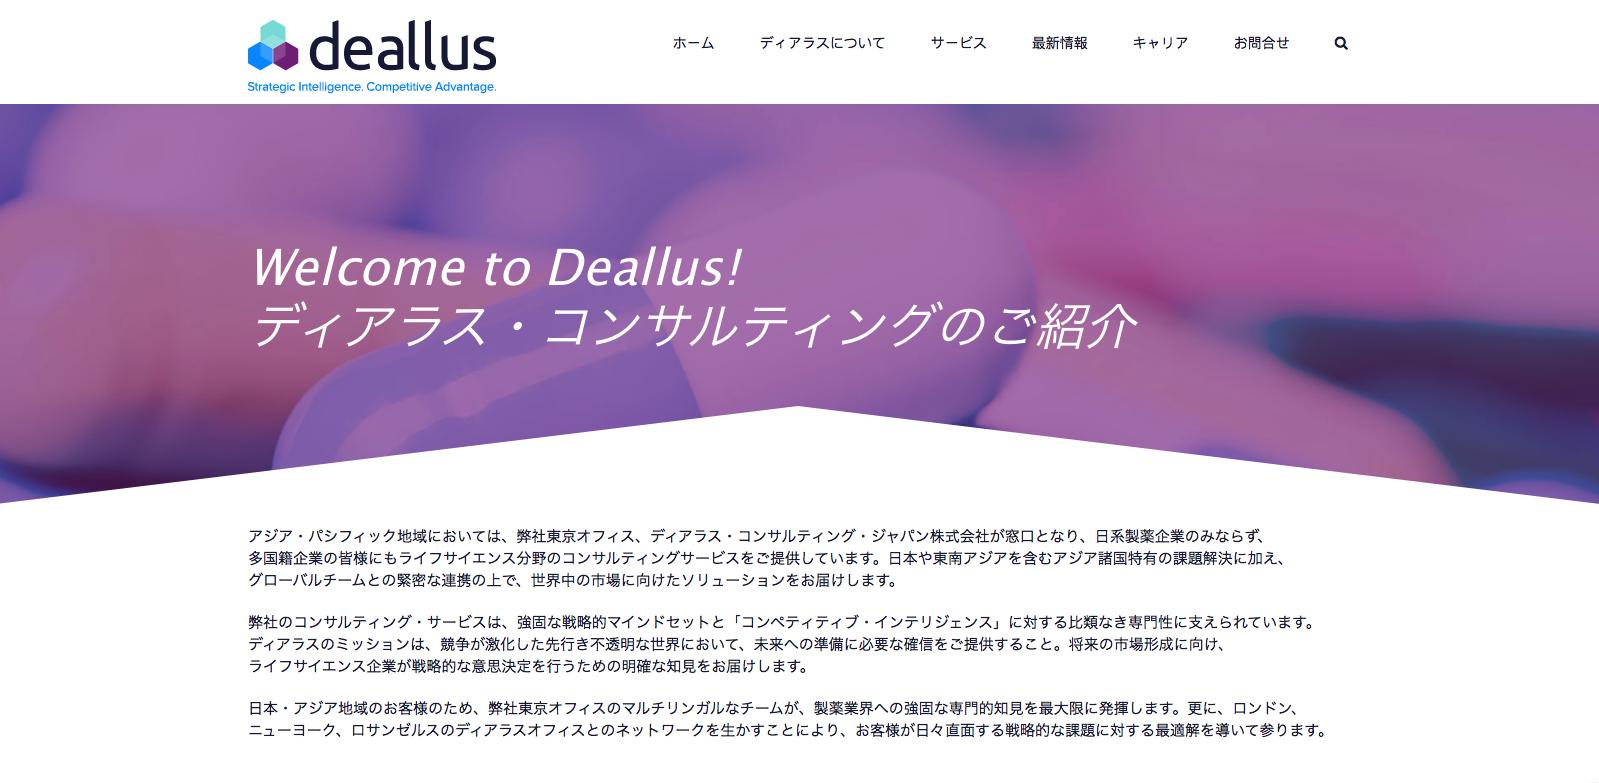 deallus-japan